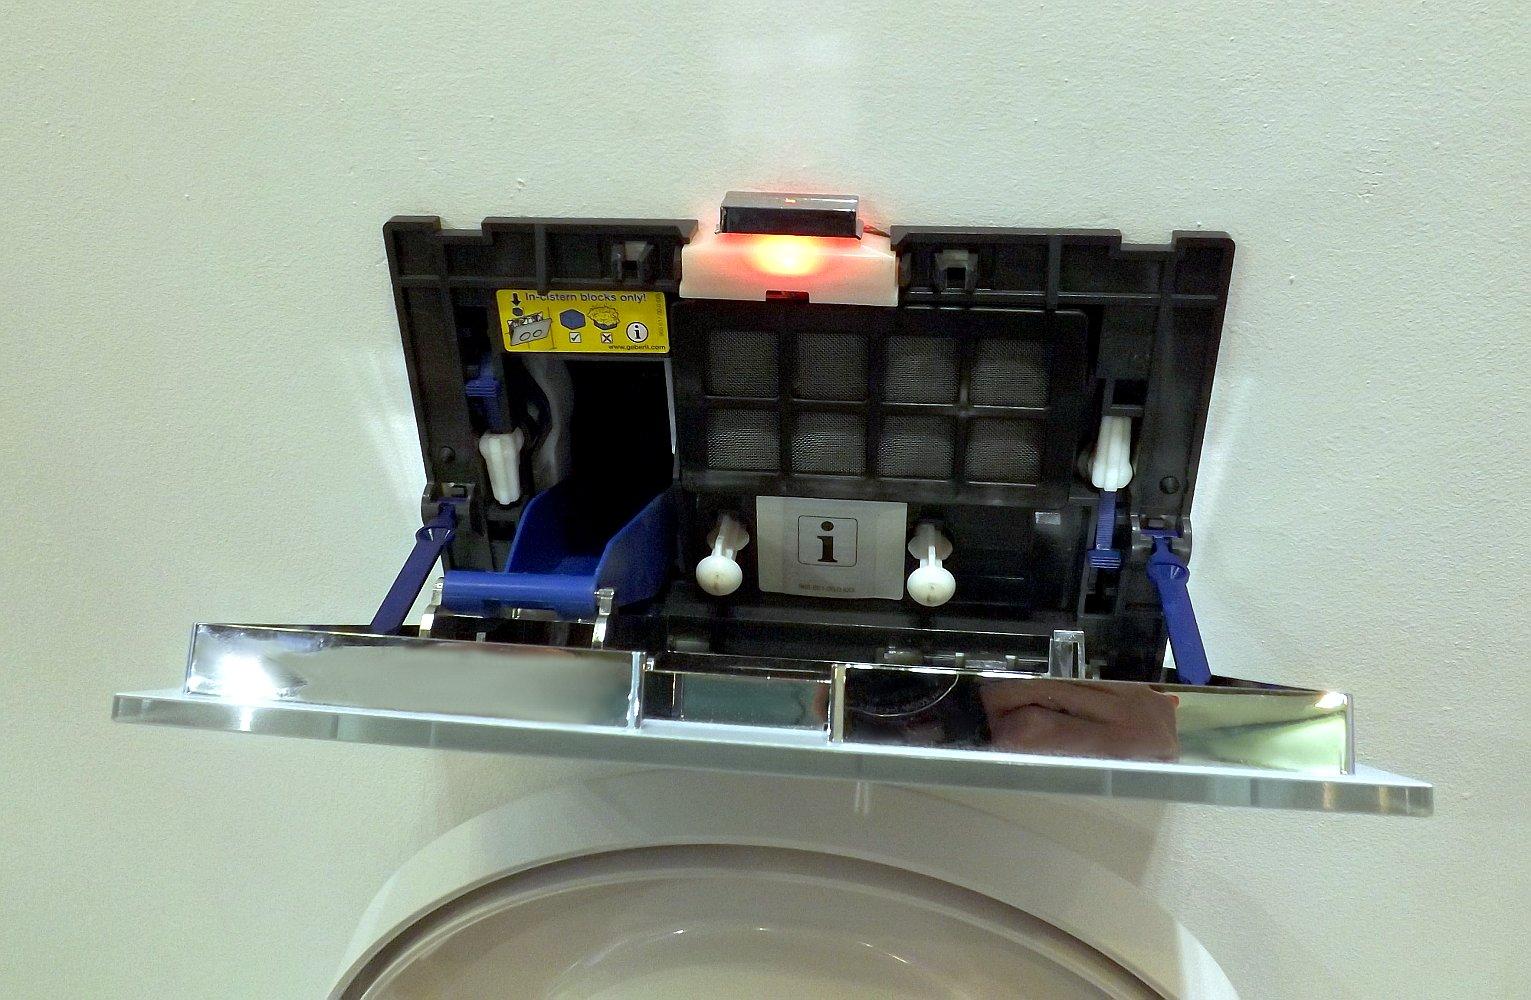 Клавиша Sigma 40 с элементами системы очистки воздуха Geberit DuoFresh в открытом виде